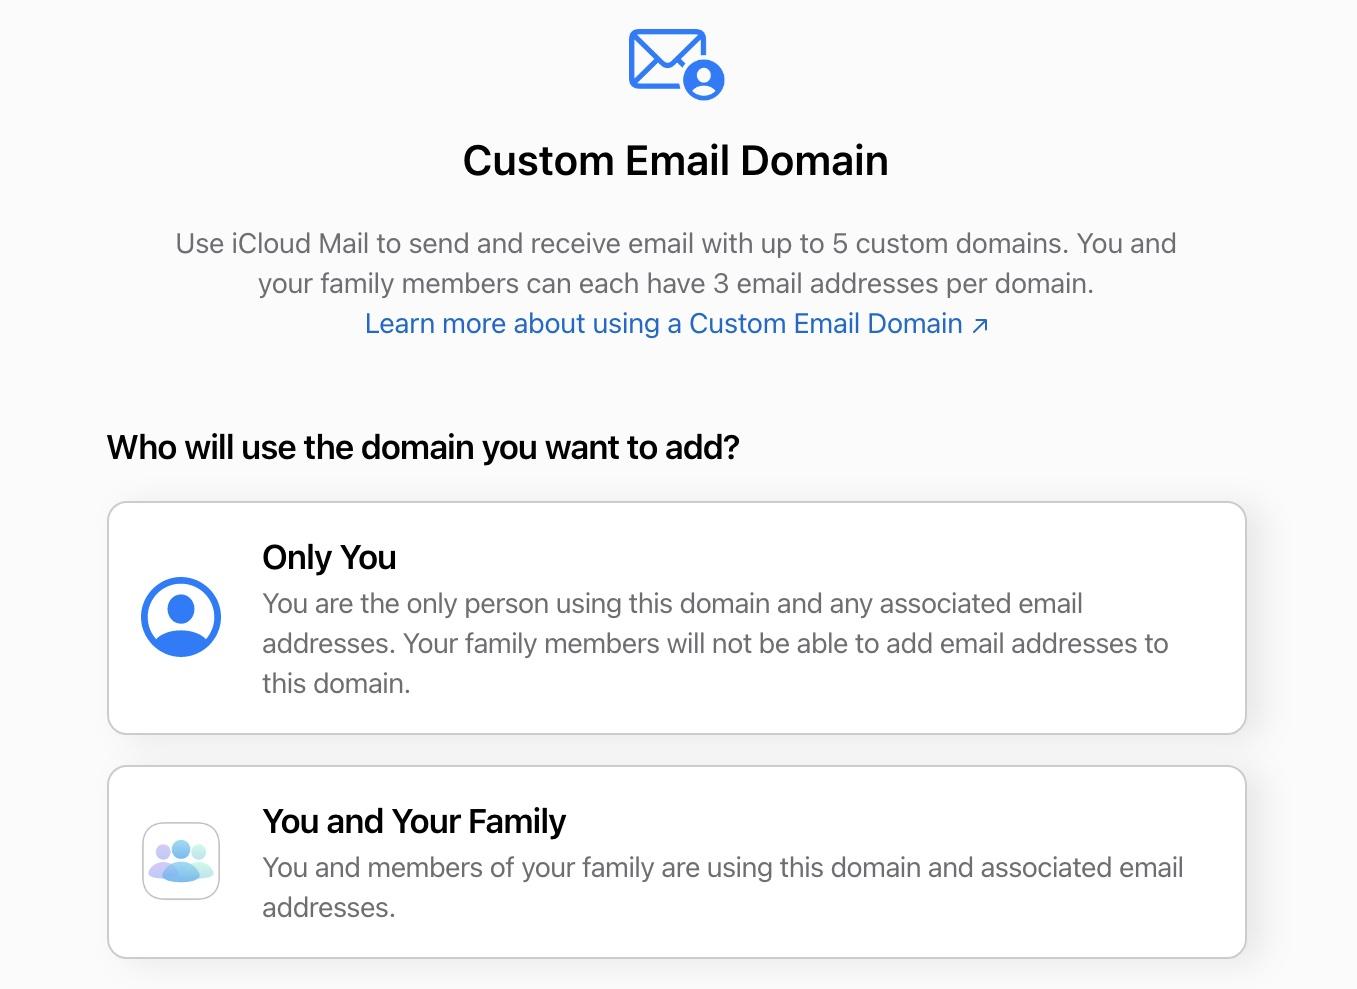 icloud custom email domain